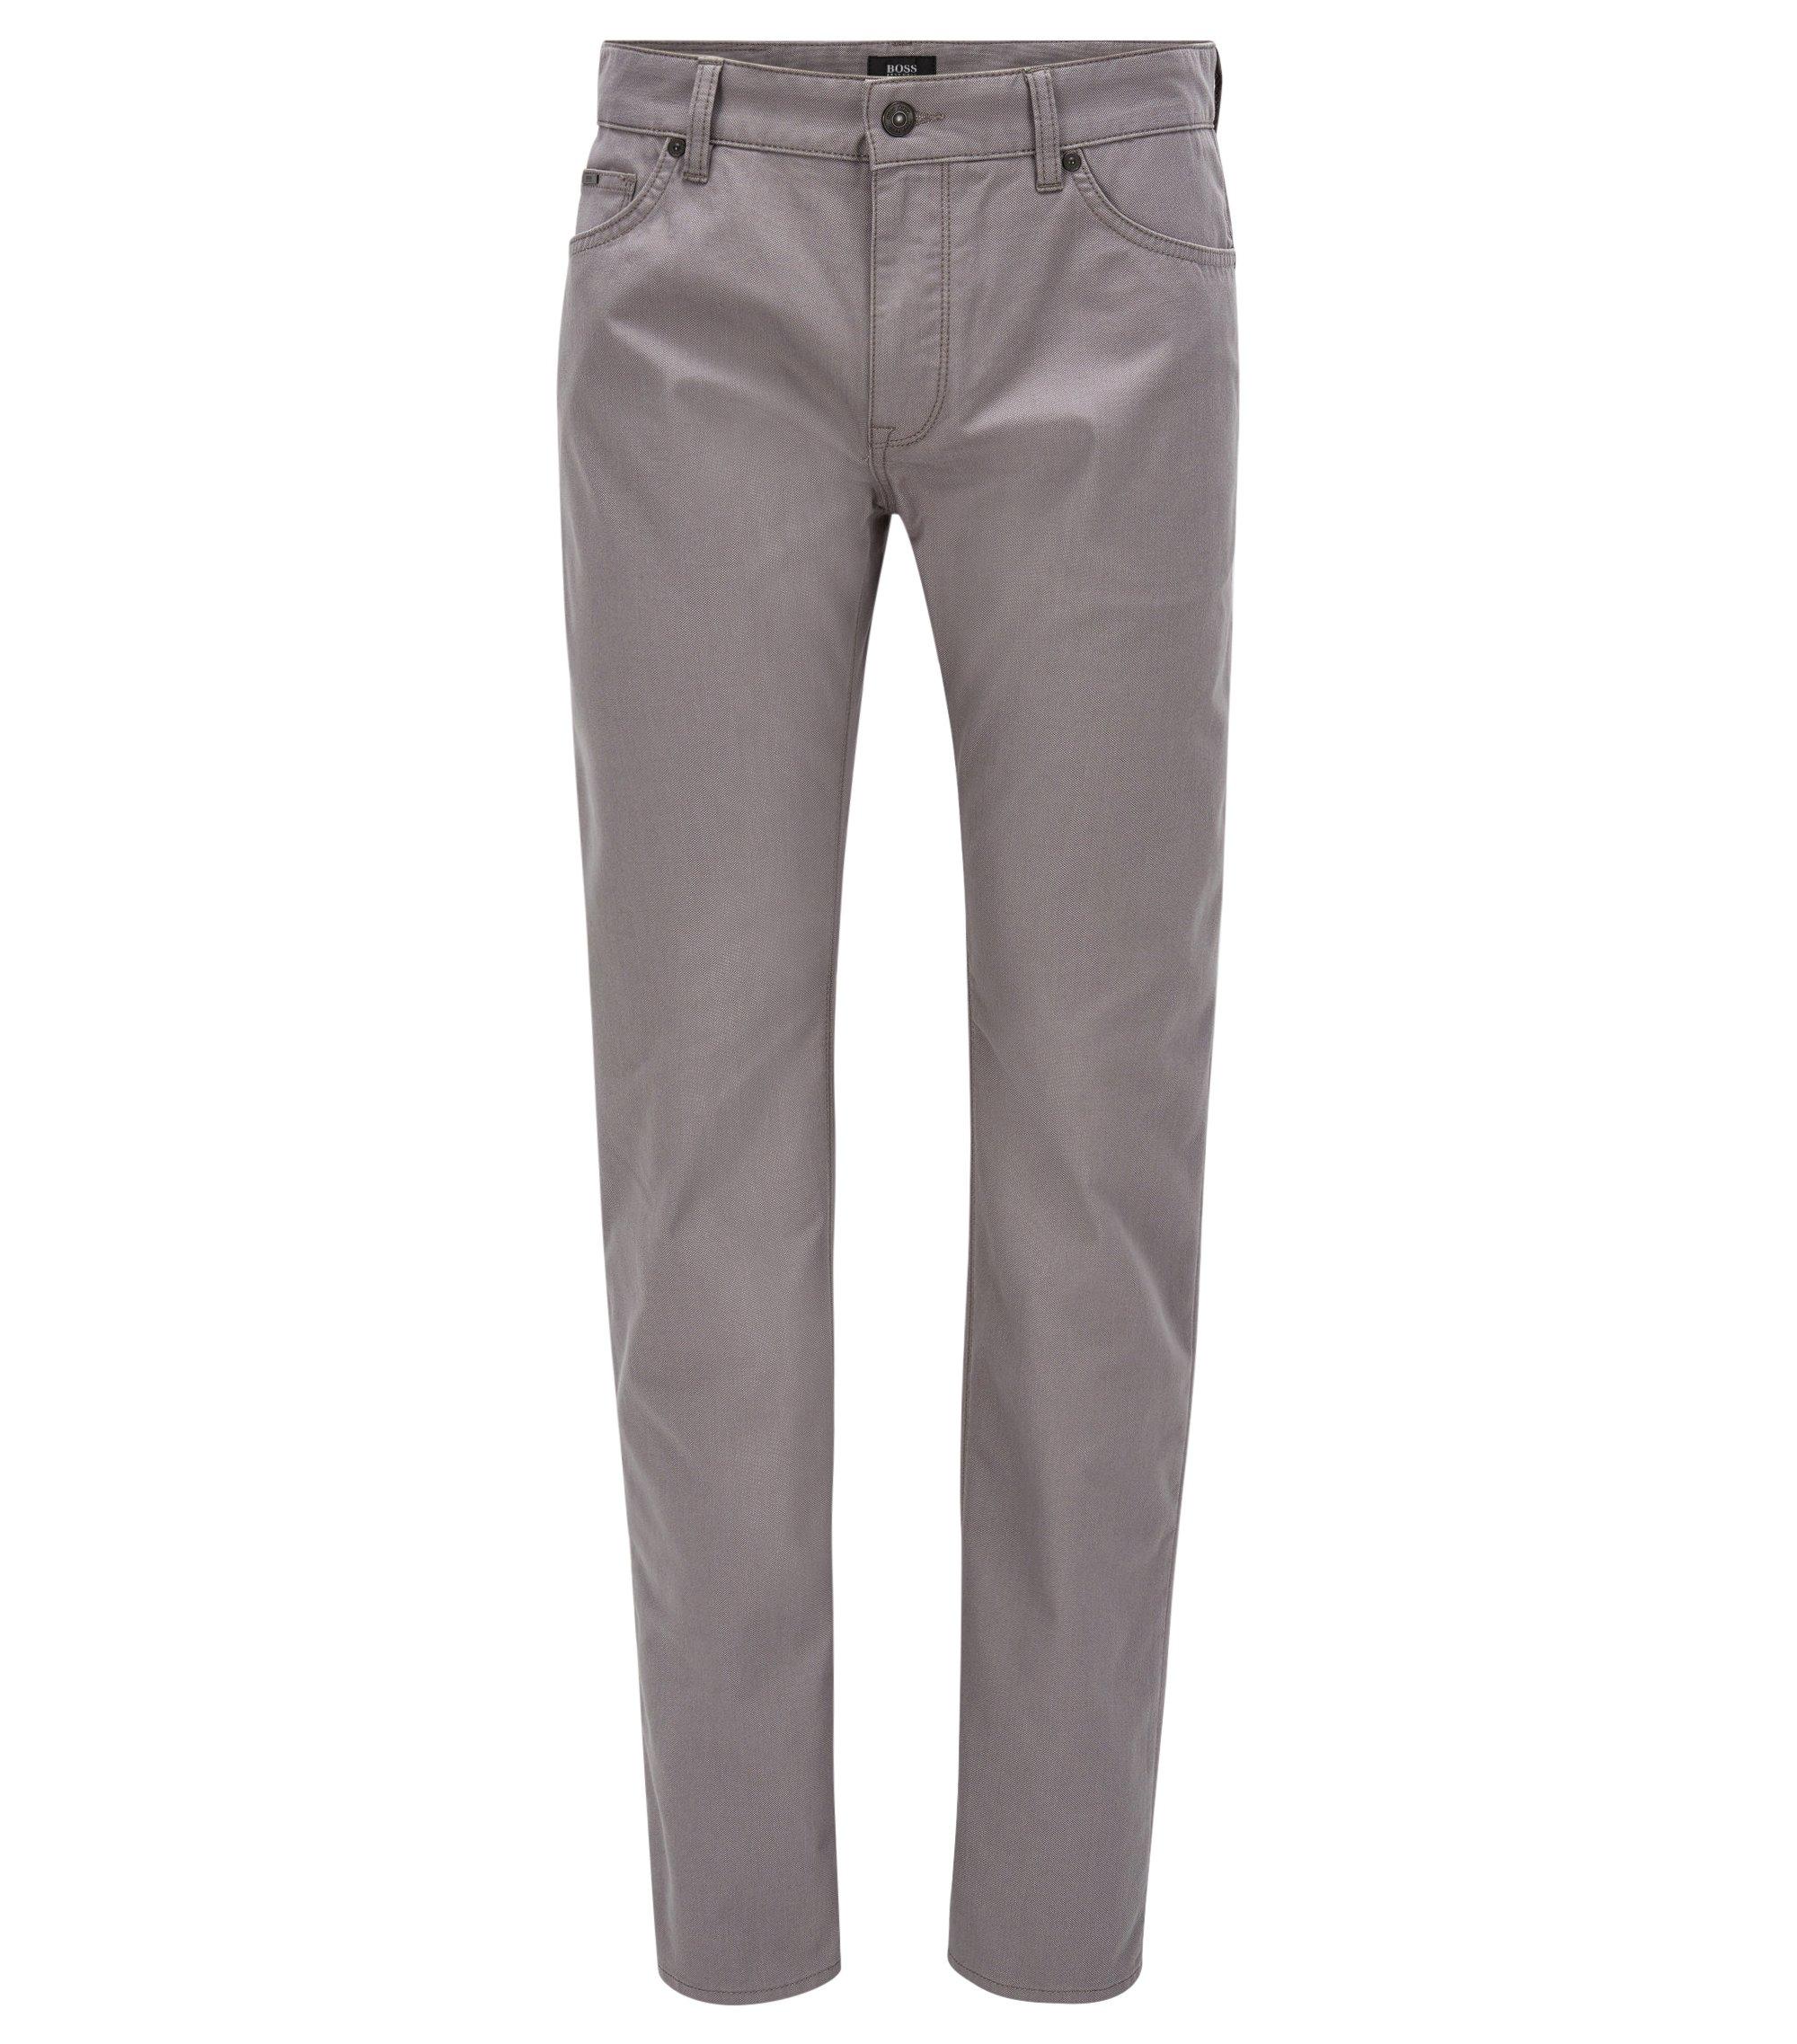 Jeans Regular Fit en tissu avec points de sellier, Gris